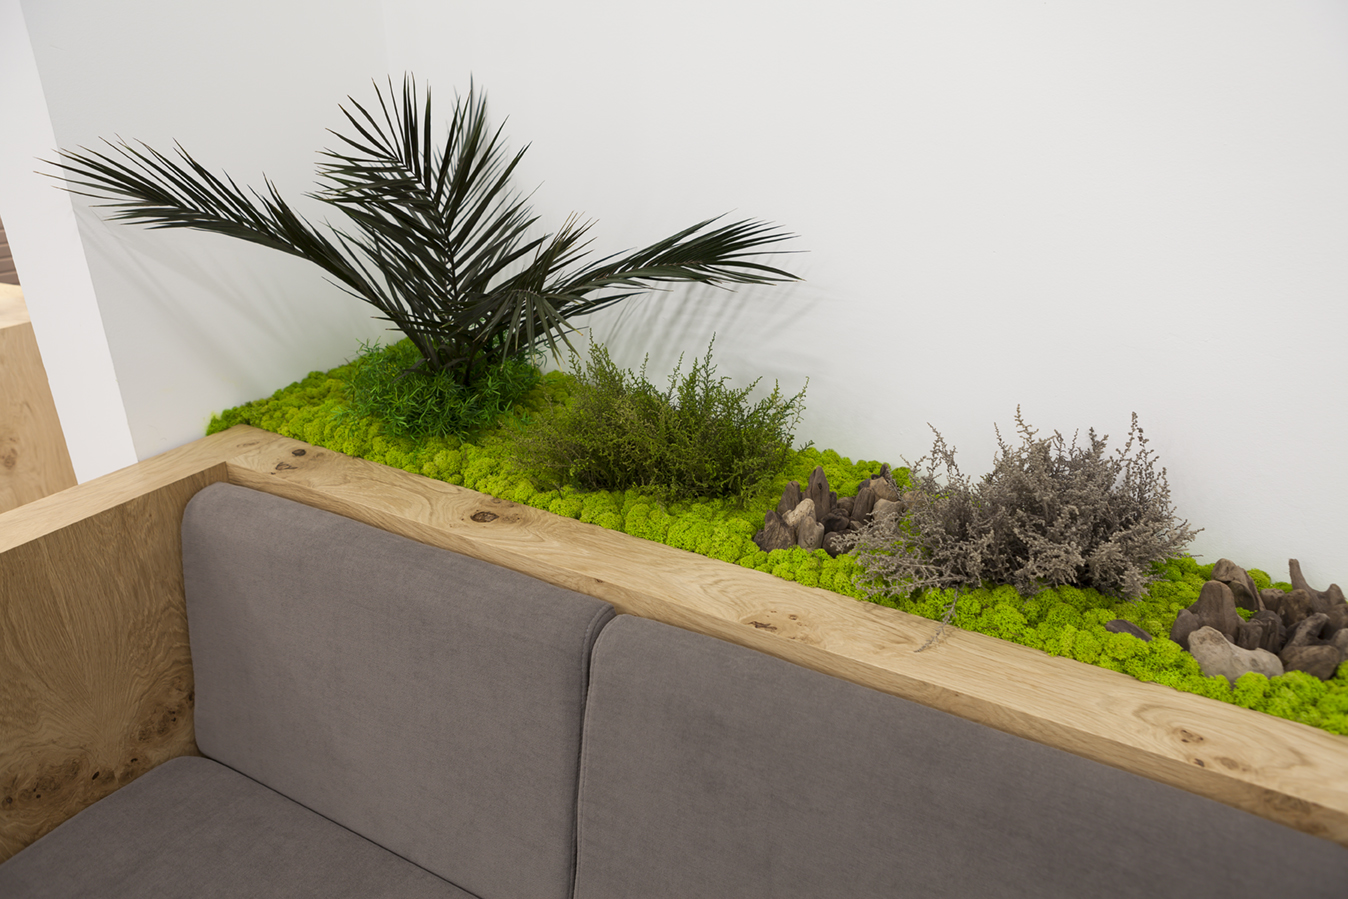 Decoración con jardín vertical en liquen para punto de venta comercial